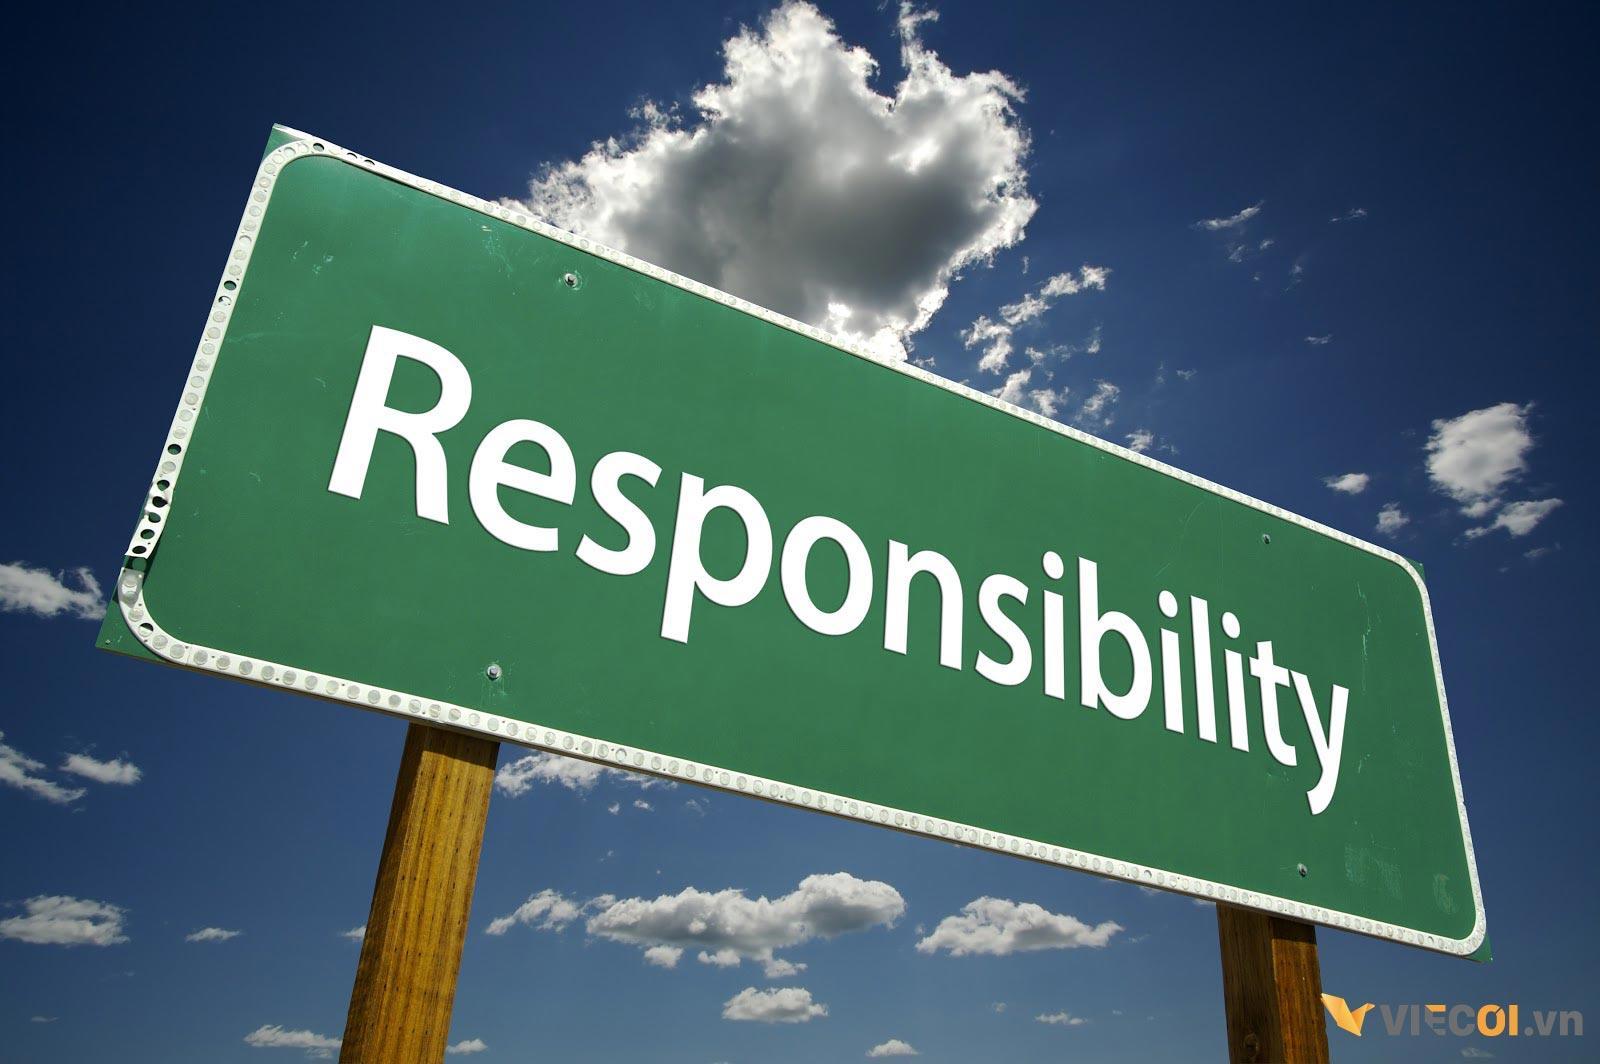 Đạo đức nghề nghiệp, Cẩm nang nghề nghiệp, Thành công, Kỹ năng, Lời khuyên